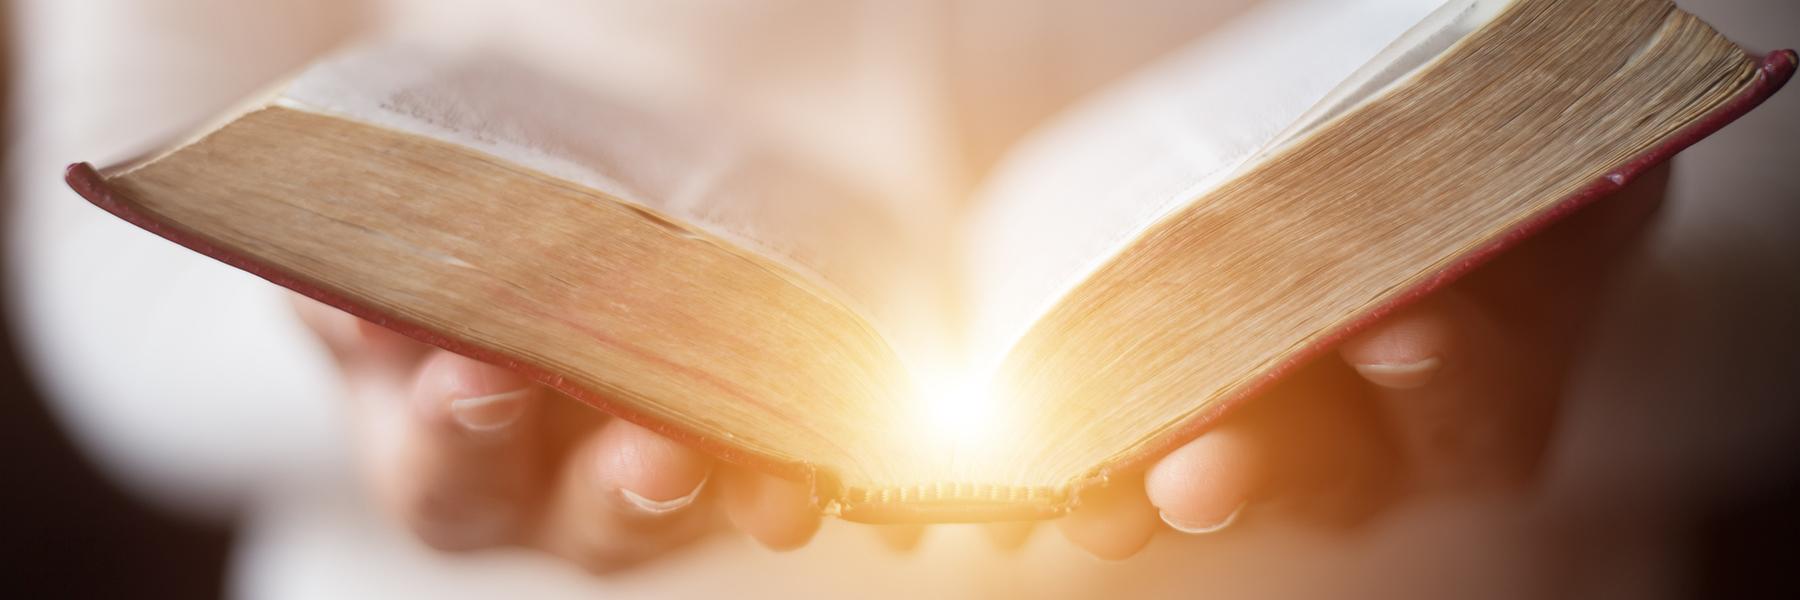 El santo brief, ¿mito, leyenda o realidad?